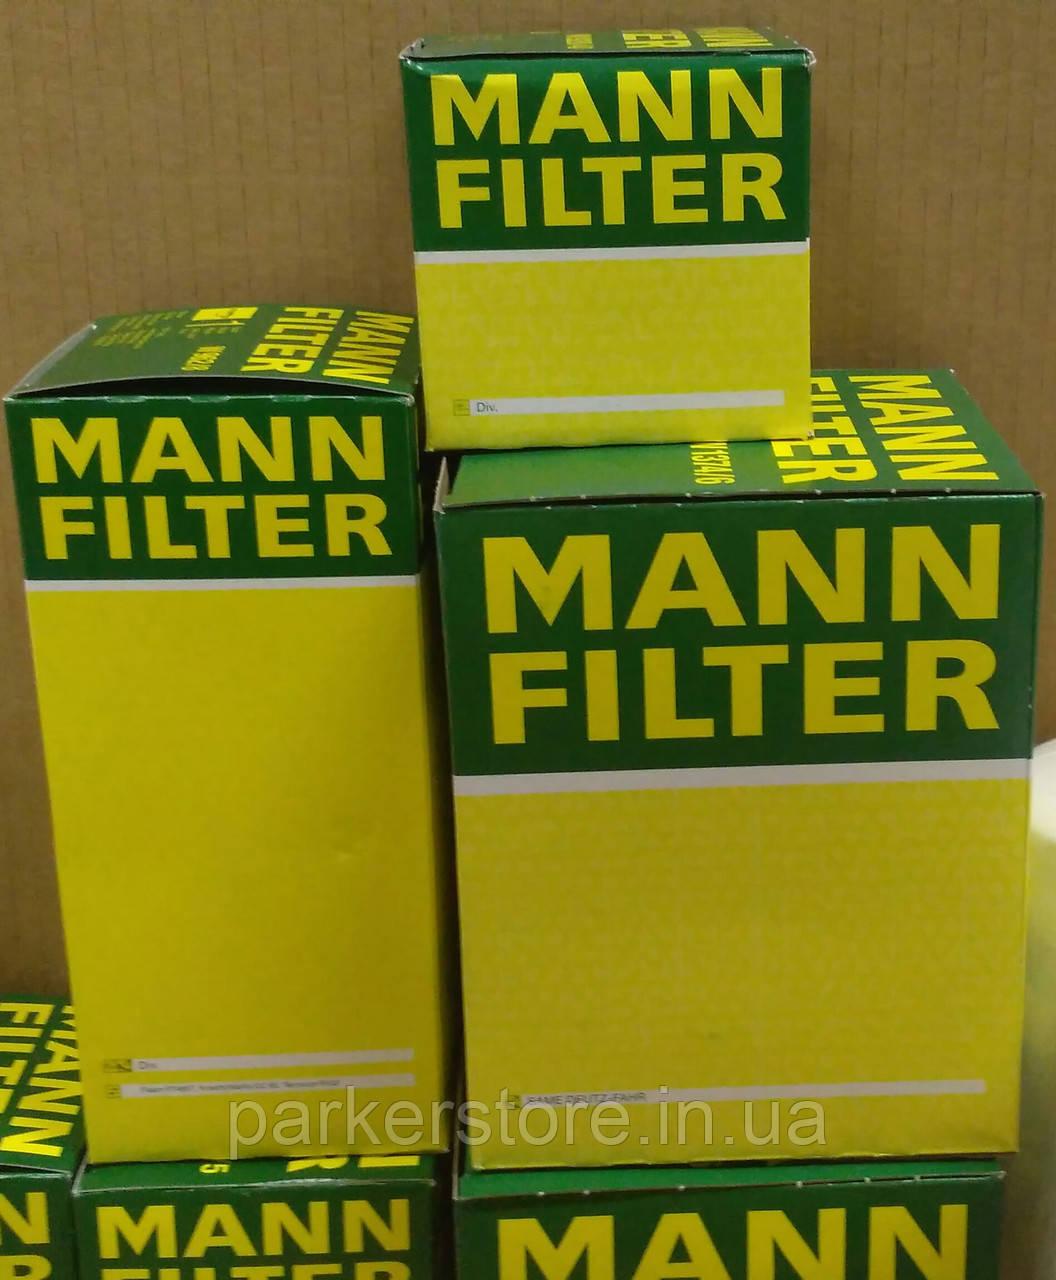 MANN FILTER / Воздушный фильтр / C 2580 / C2580